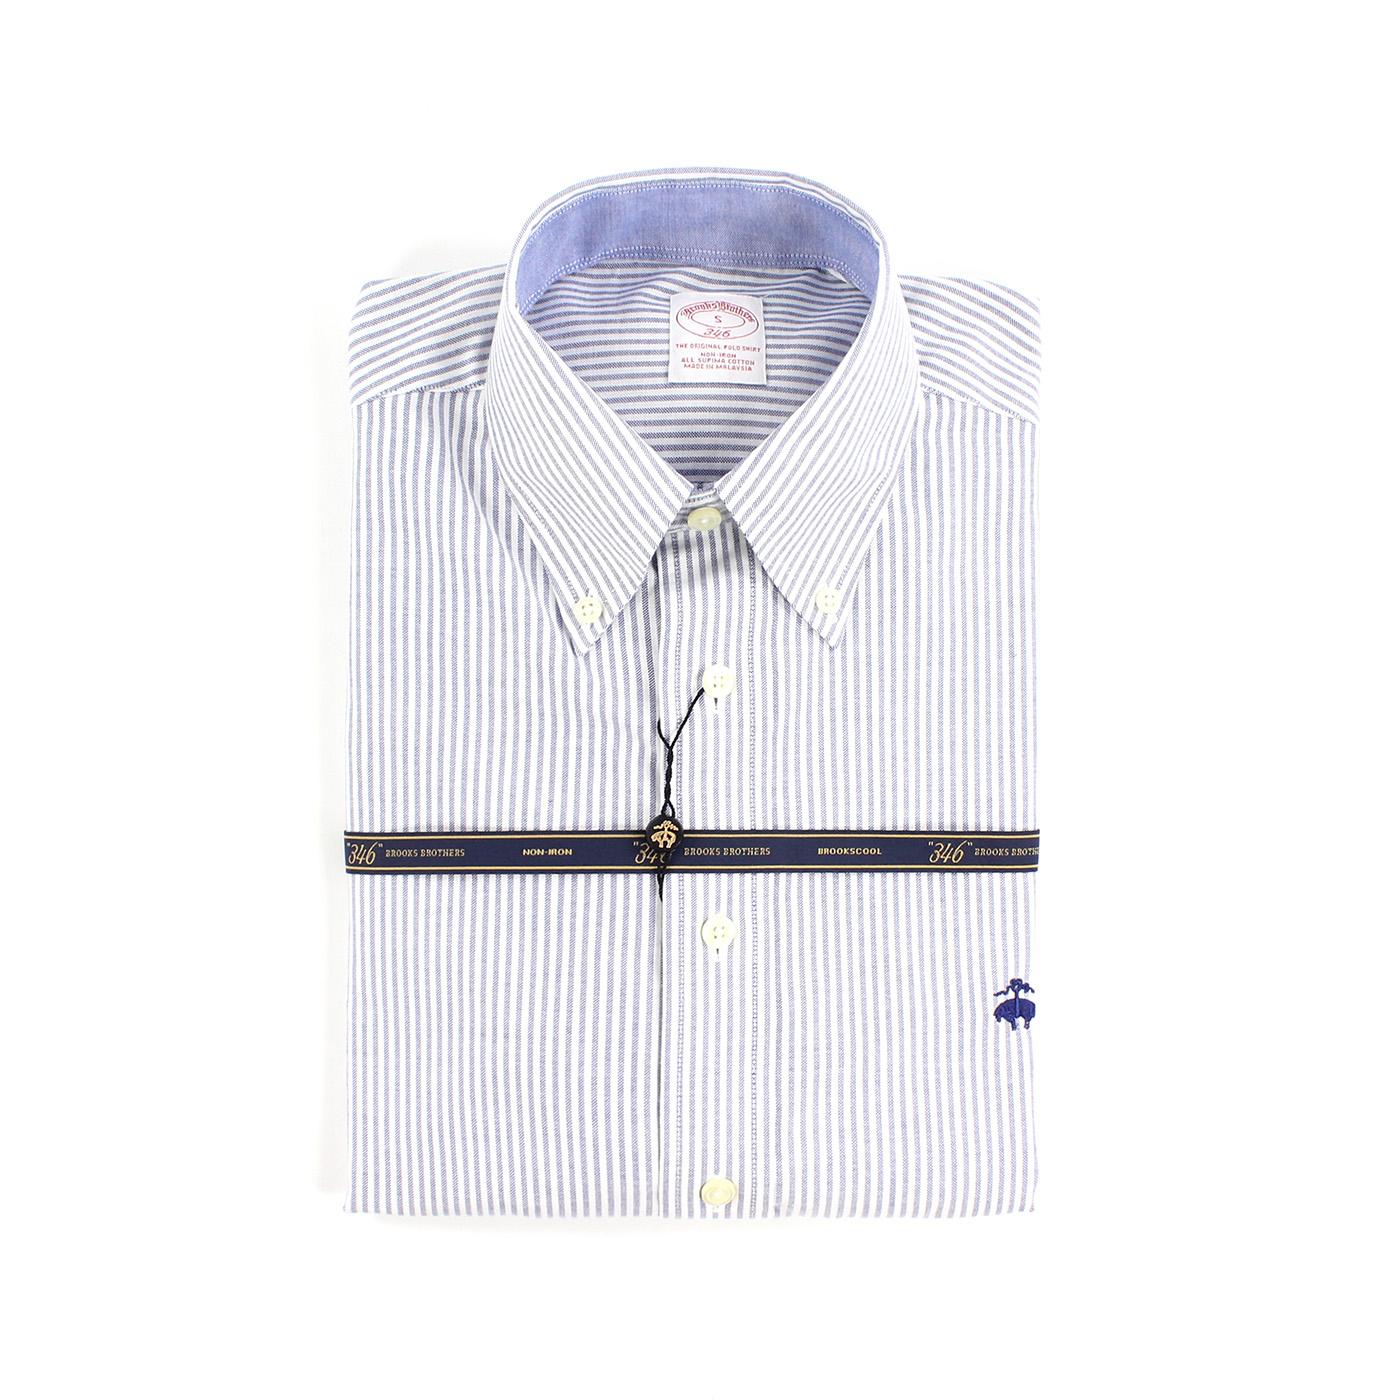 美國百分百【全新真品】Brooks Brothers 布克兄弟 牛津 襯衫 條紋 長袖 休閒 上衣 藍白 S號 F773